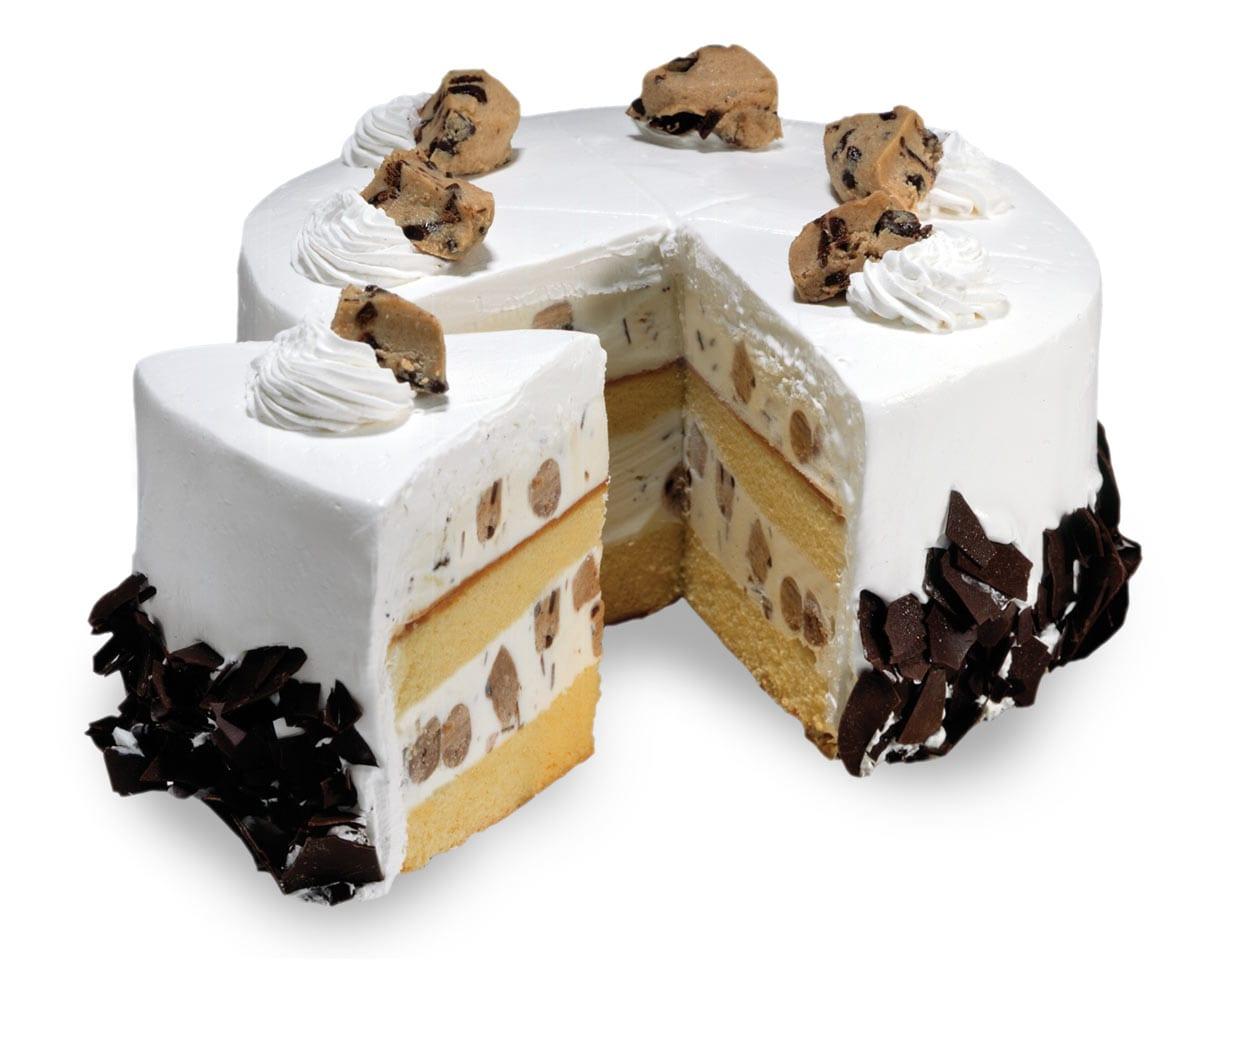 Cookie Dough Delirium Cold Stone Creamery Signature Cakes